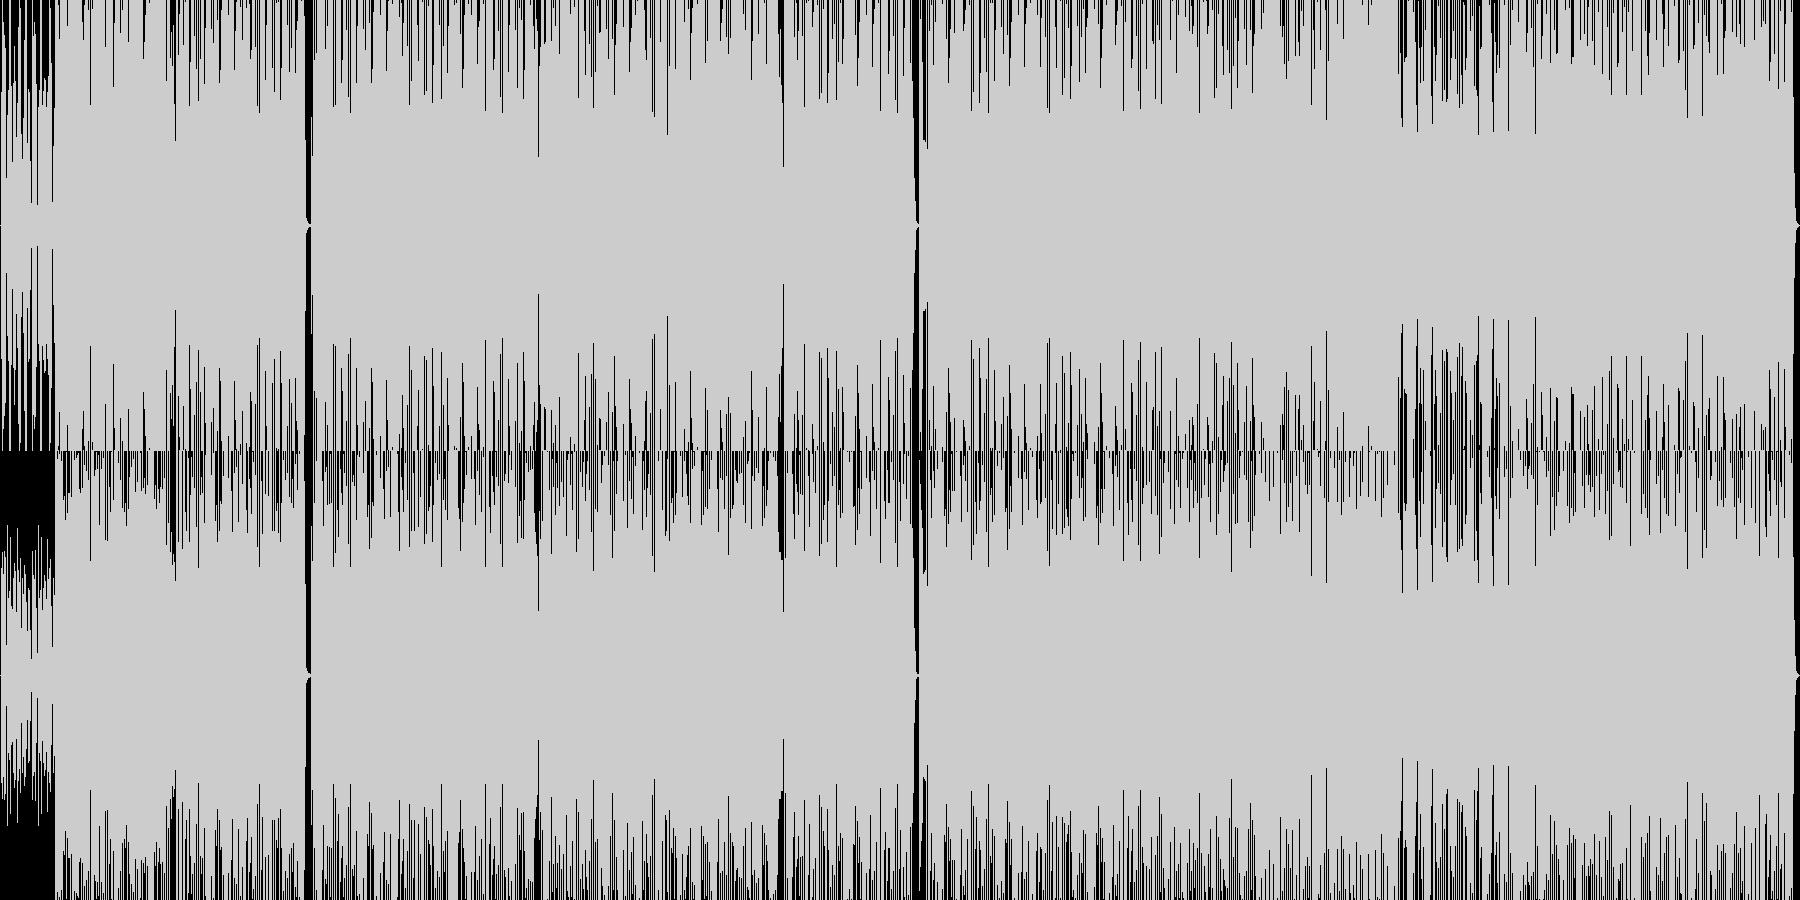 ラテン系のhiphop インストの未再生の波形